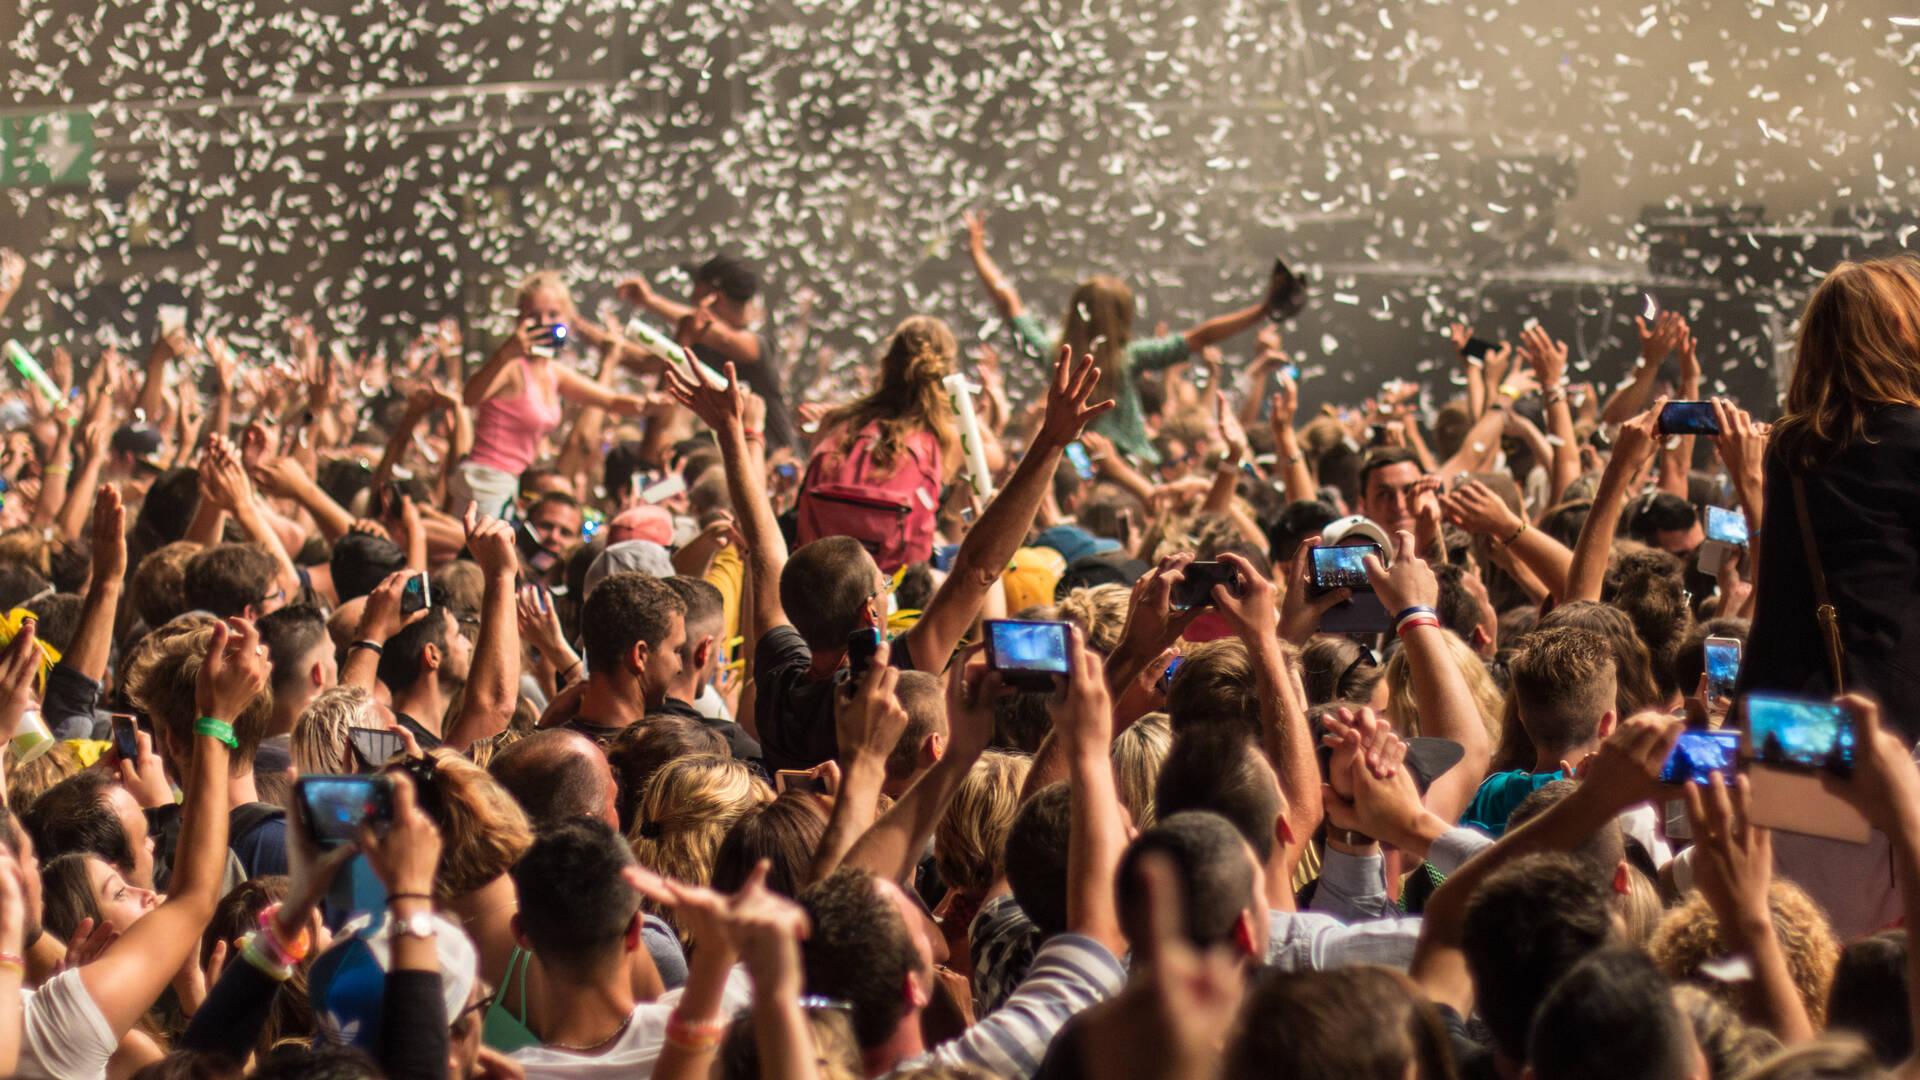 Quoi faire à Rochefort : le festival Electro Stereparc en juillet © David Compain